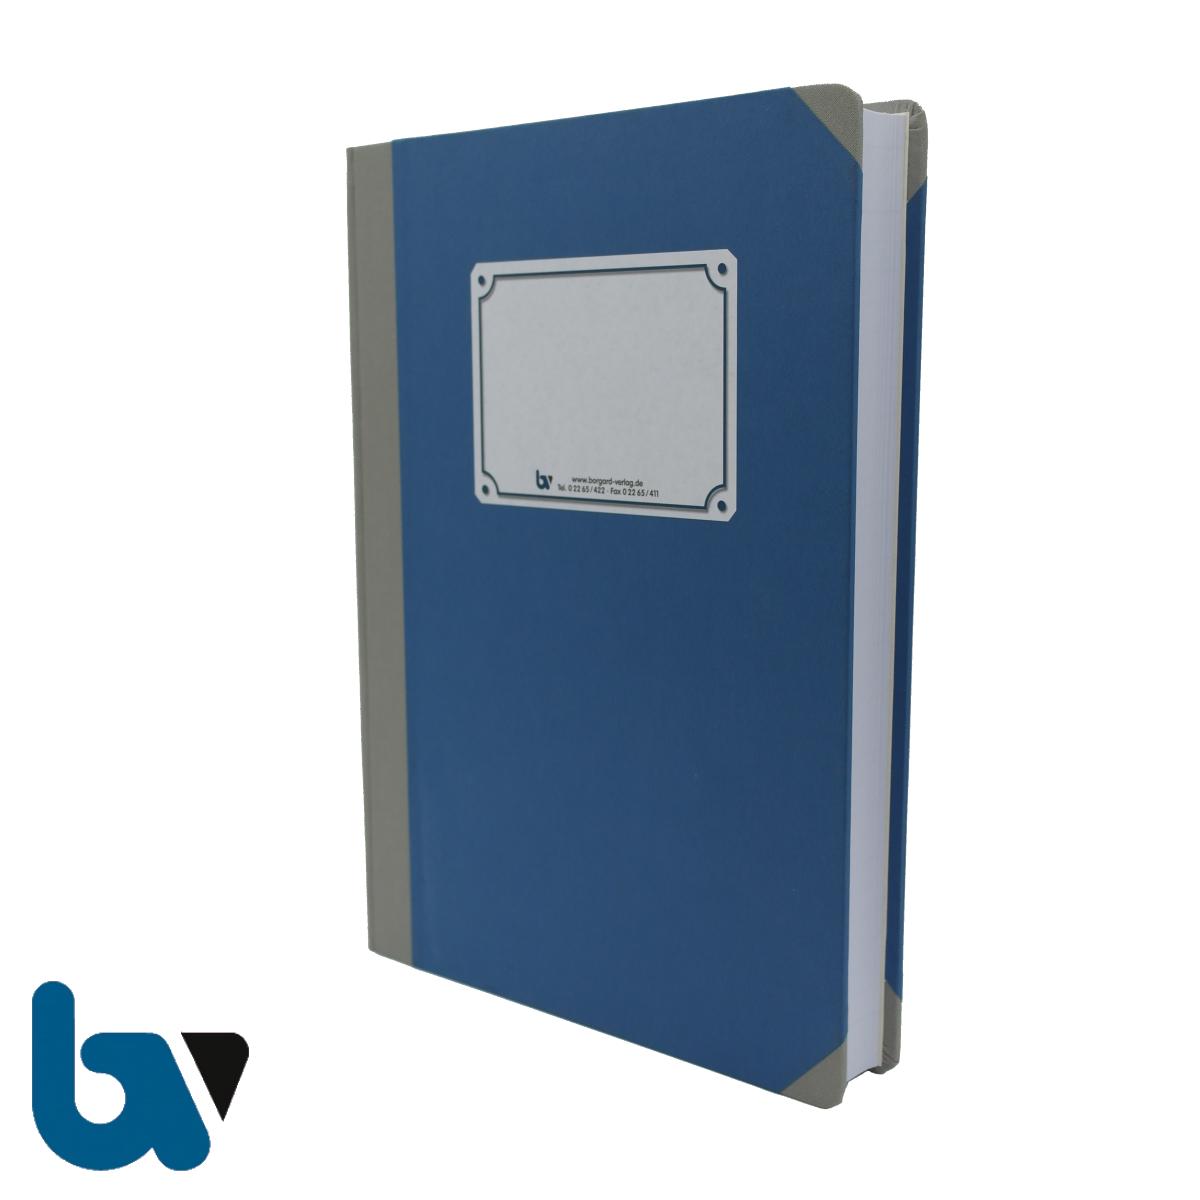 0/751-1 Streubuch Winterdienst Einsatz gebunden Leinen DIN A4 Außen | Borgard Verlag GmbH